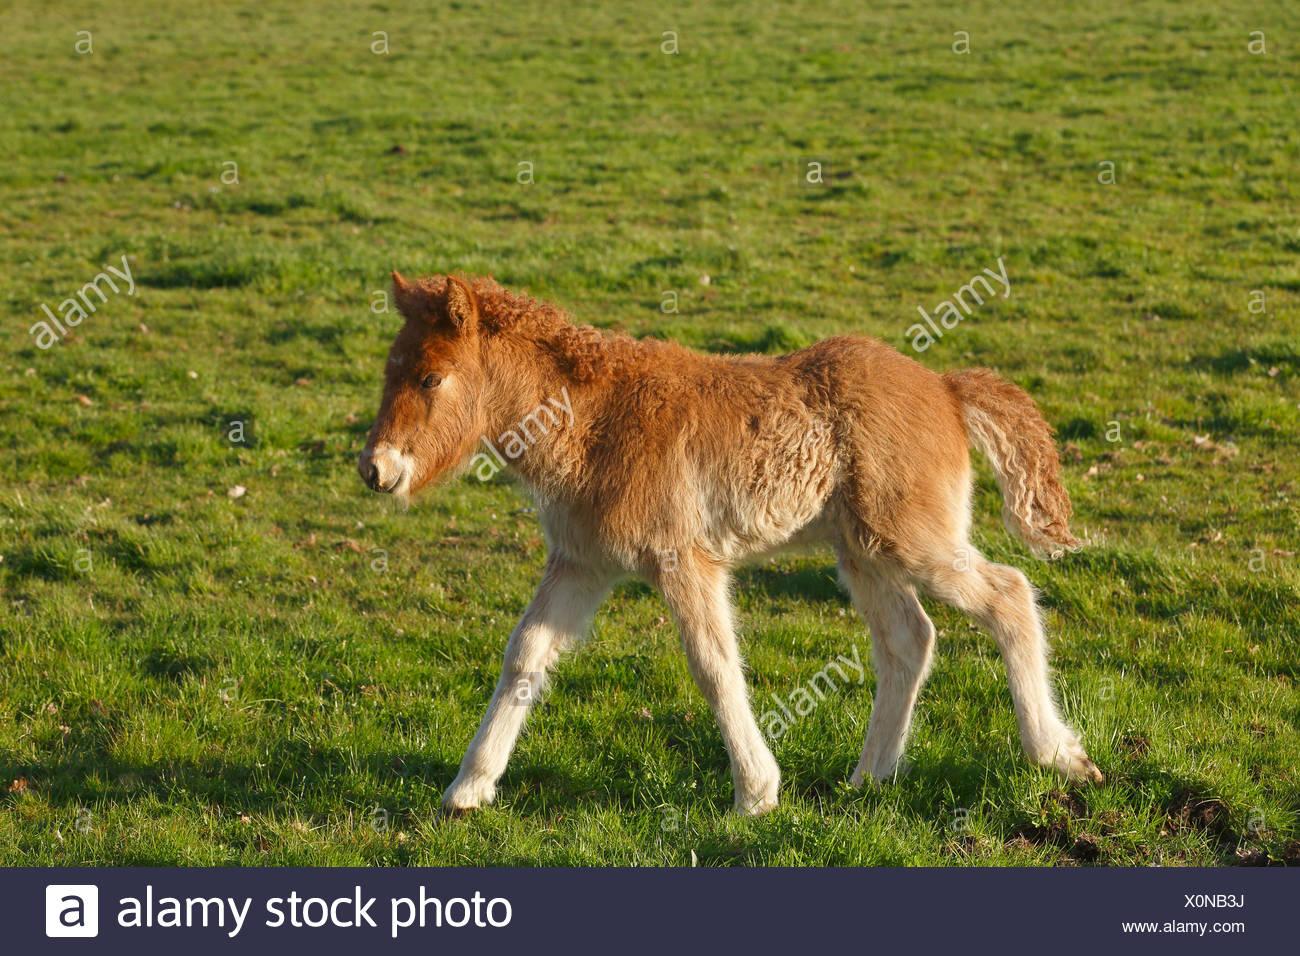 Foal, Icelandic horse, pony (Equus przewalskii f. Caballus), colt, Lower Saxony, Germany - Stock Image